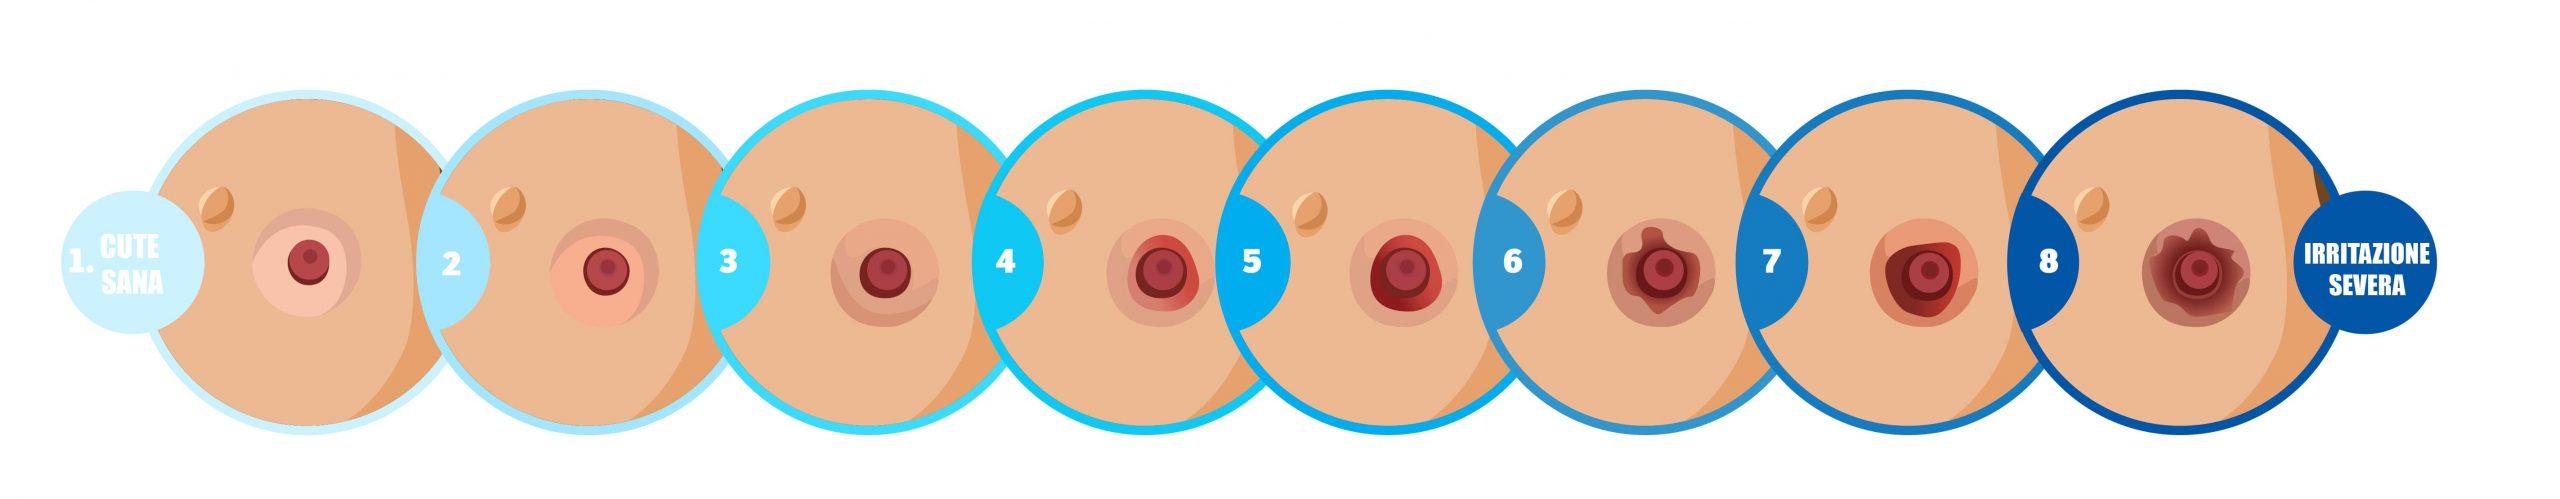 Alterazione della pelle peristomale in fasi